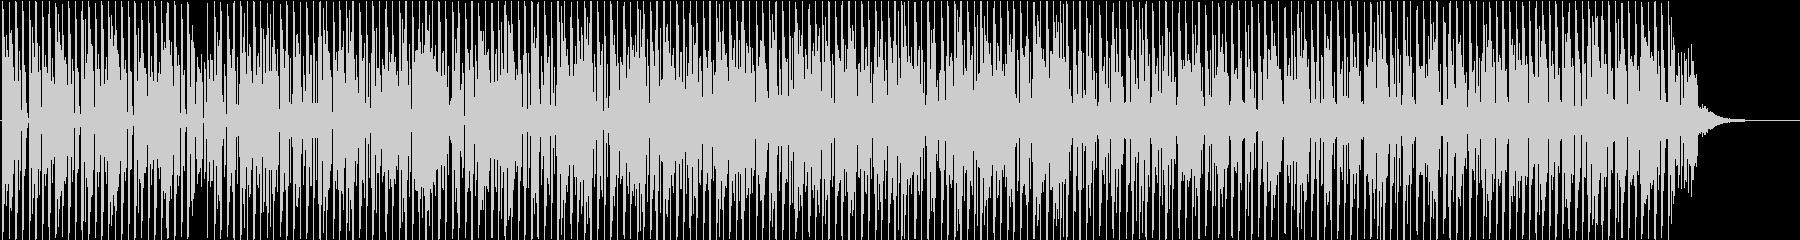 モダンな8ビットサウンドの一種であ...の未再生の波形